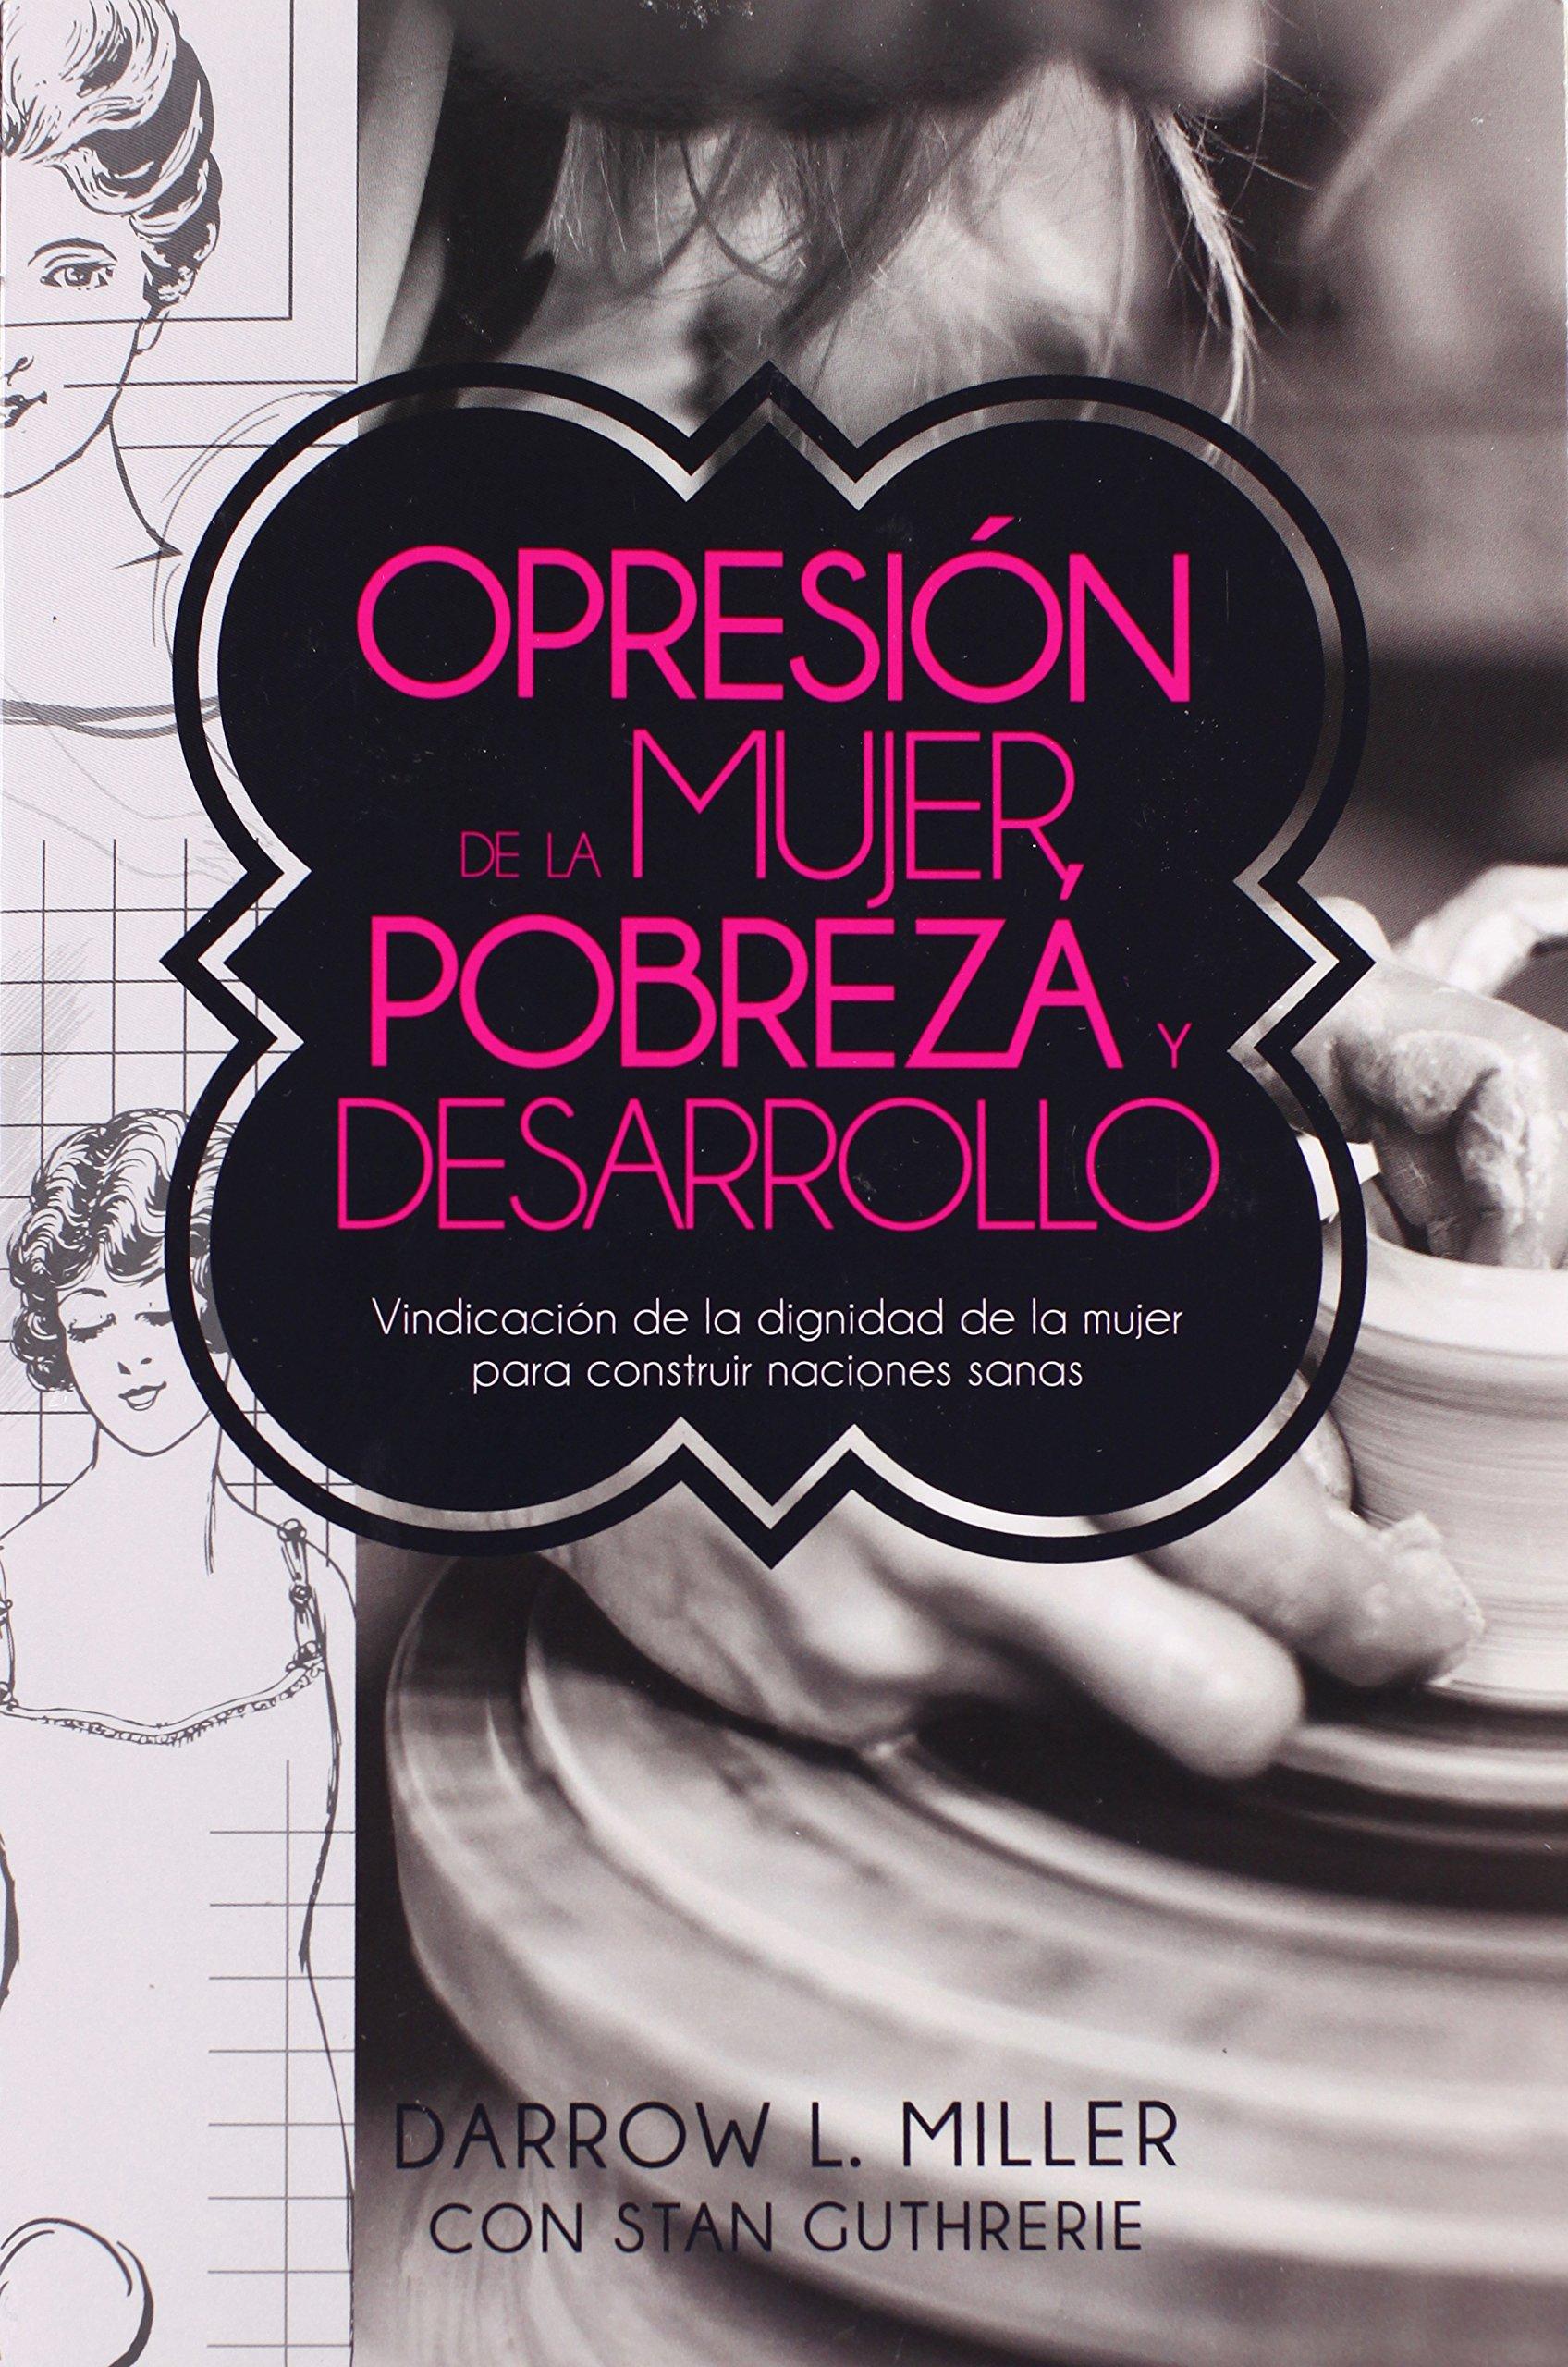 Opresion De La Mujer, Pobreza Y Desarrol